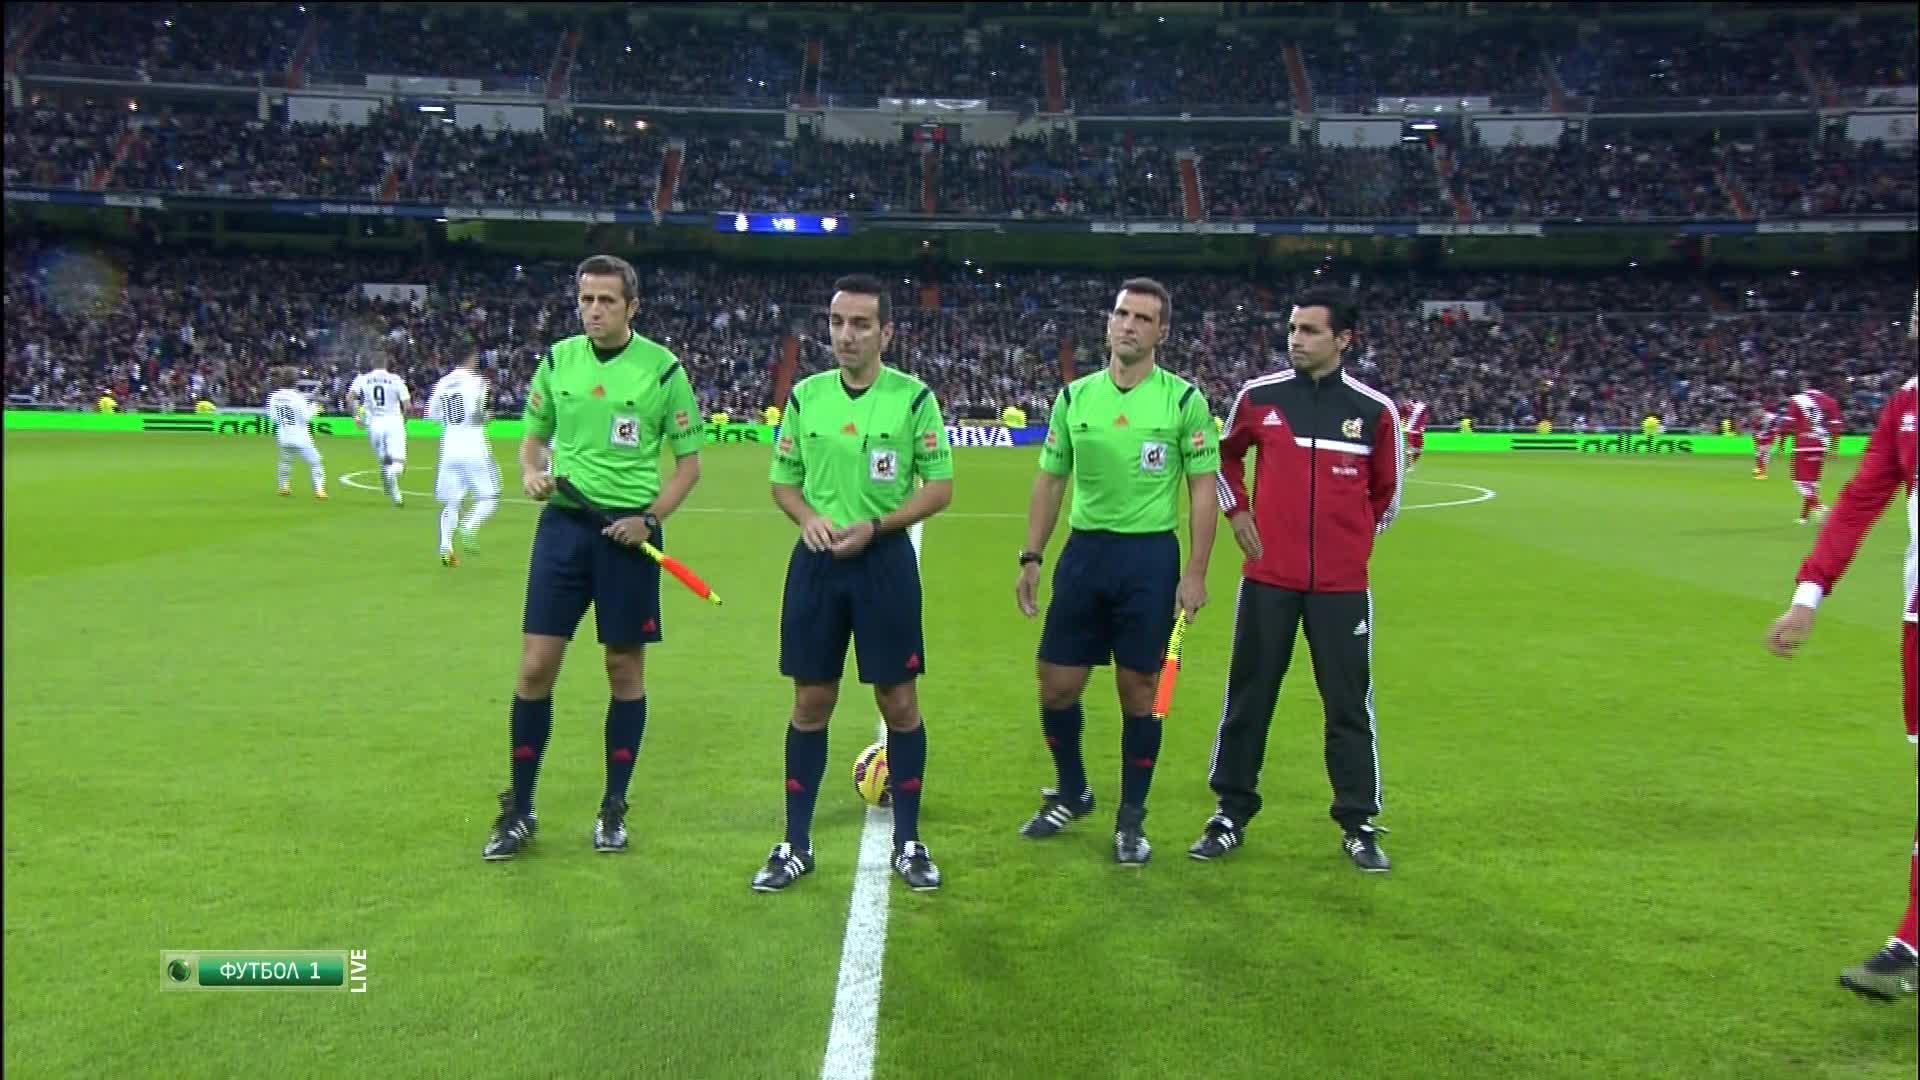 http://rgfootball.tv/media/up/141547966721.jpg